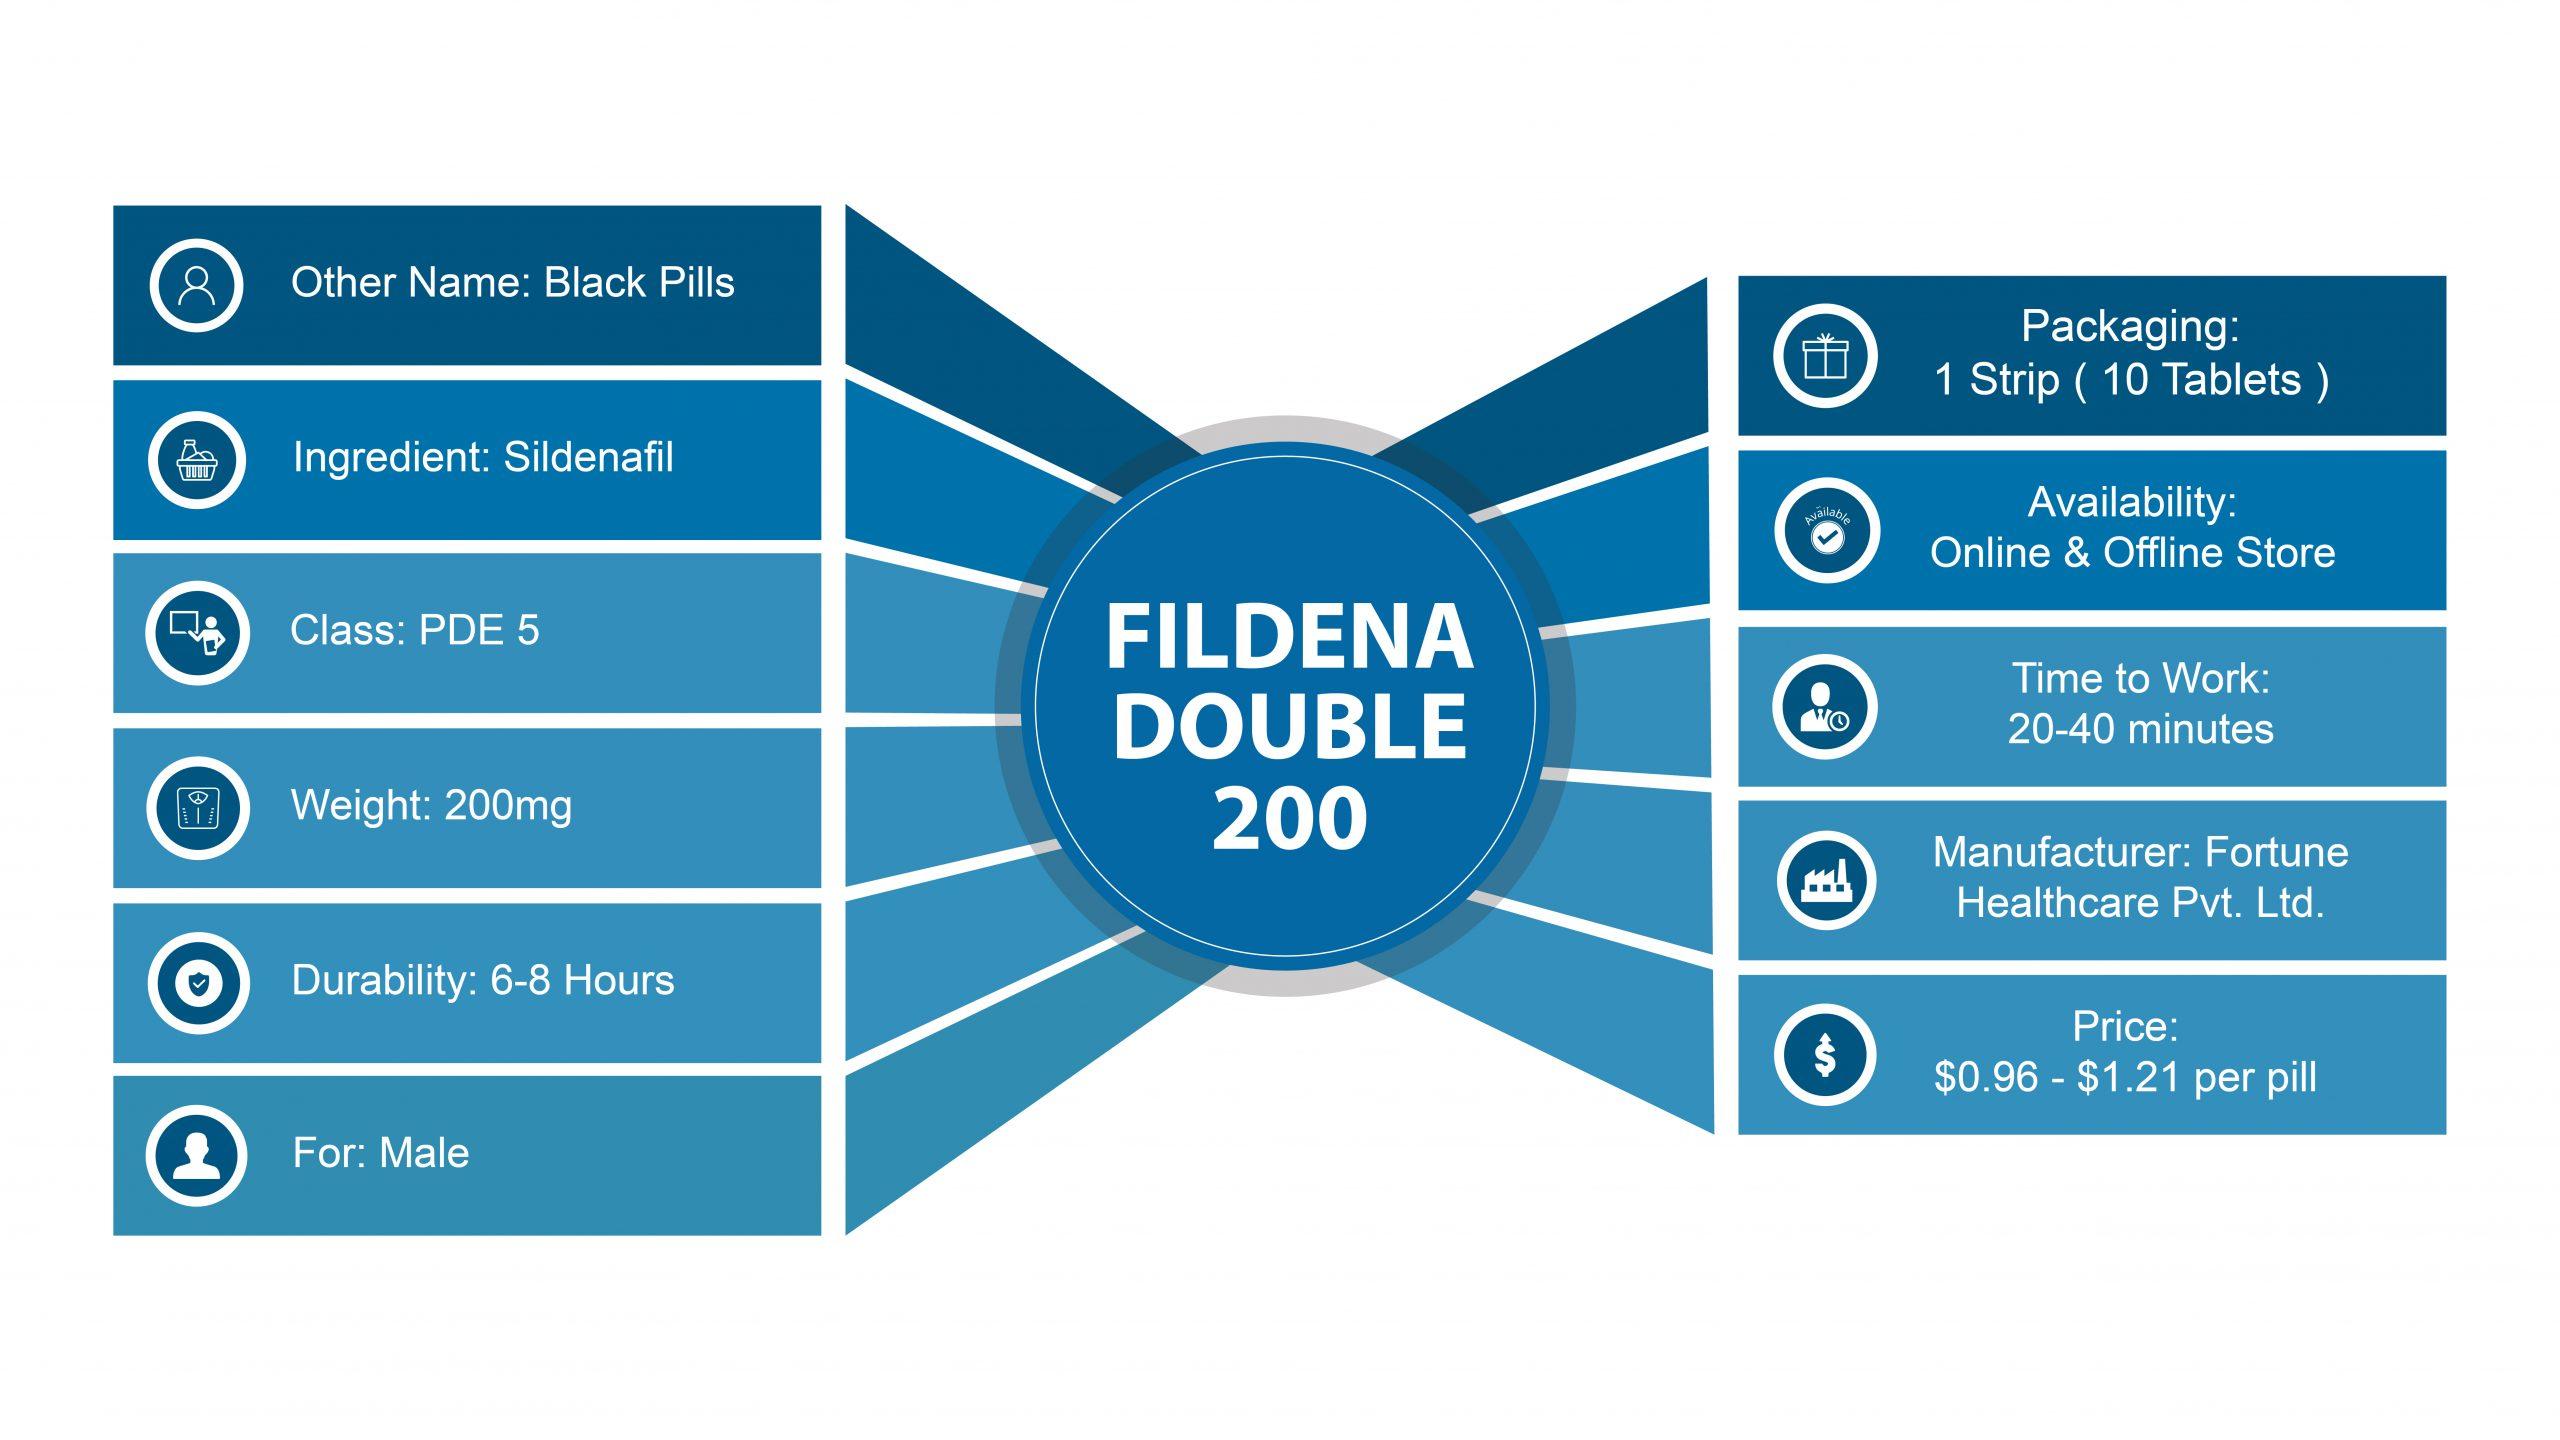 Fidlena Double 200 mg